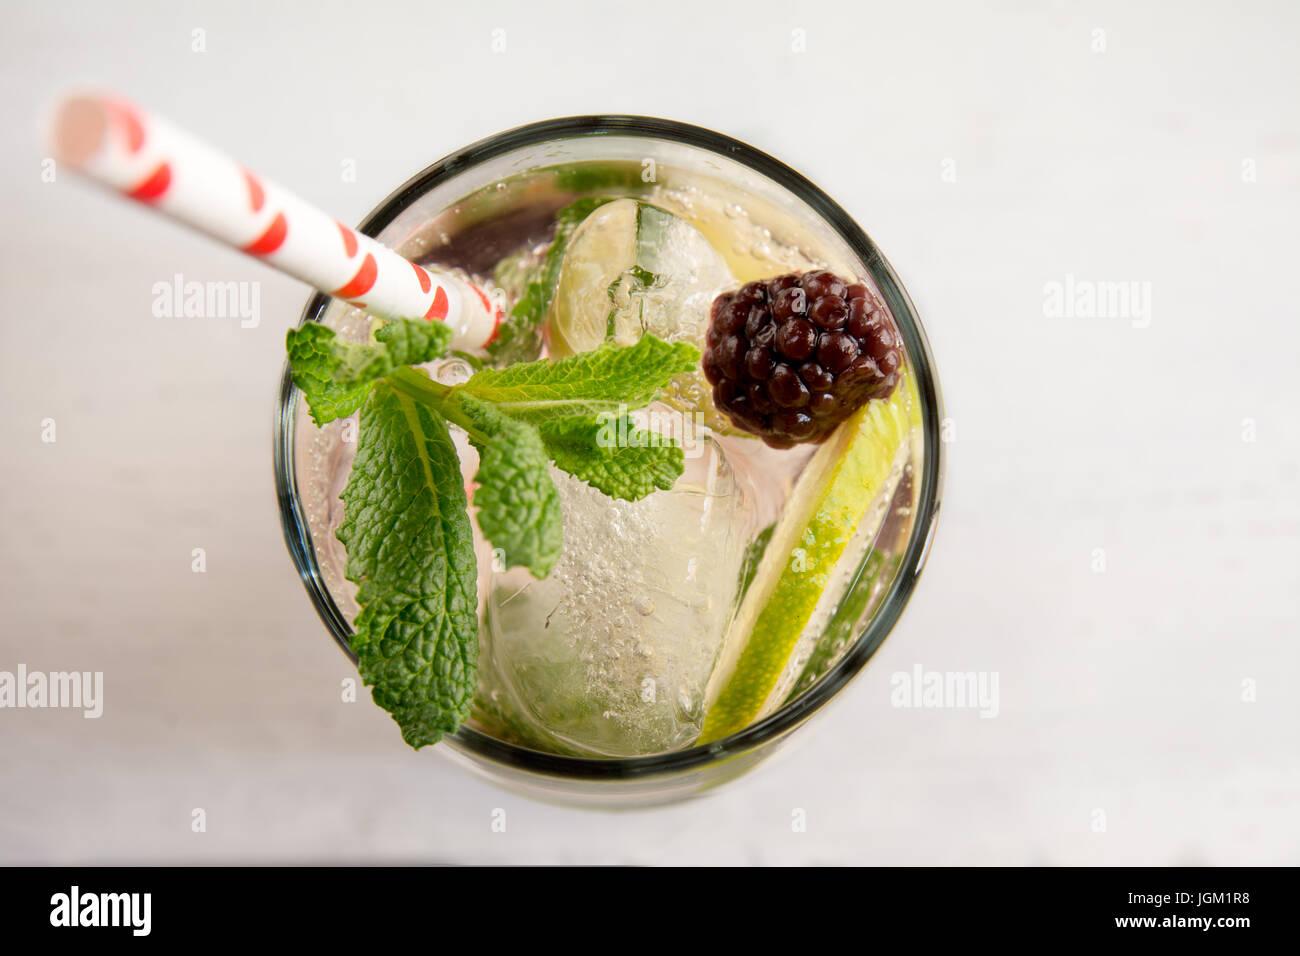 Gin Tonic cocktail mit Limetten, rote Frucht Eis und Minze, weißer Hintergrund. Nahaufnahme detail Stockbild